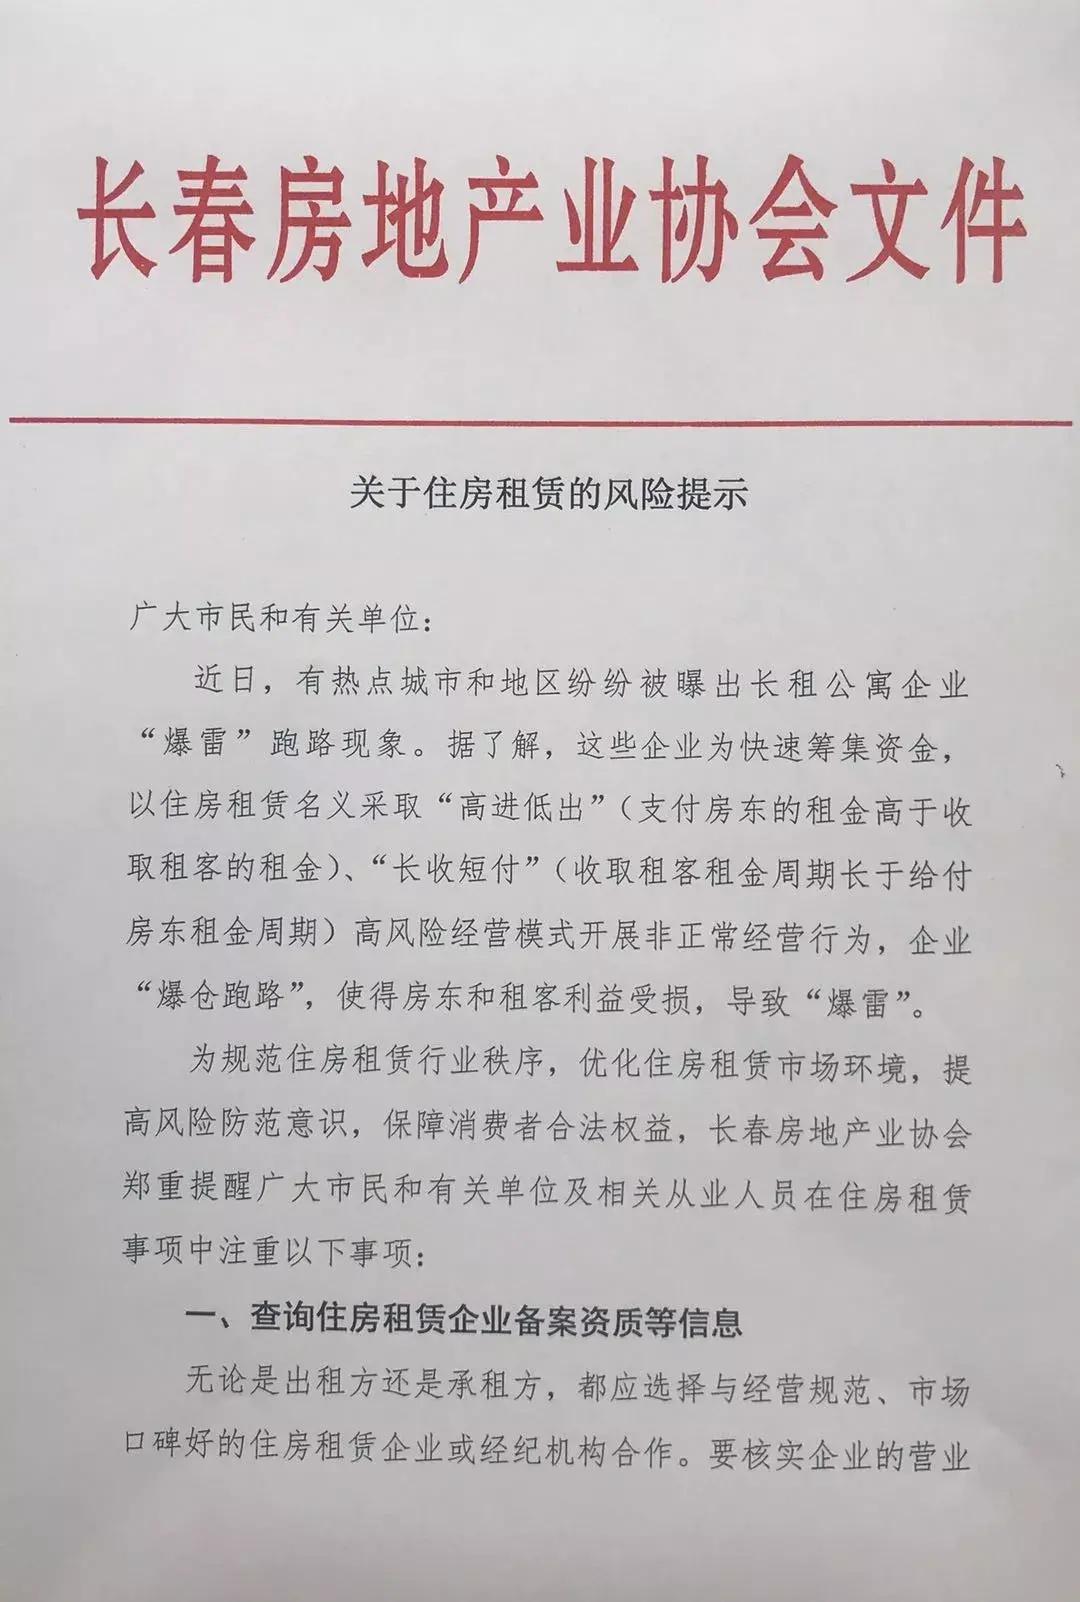 長春市房地產協會發布風險預警